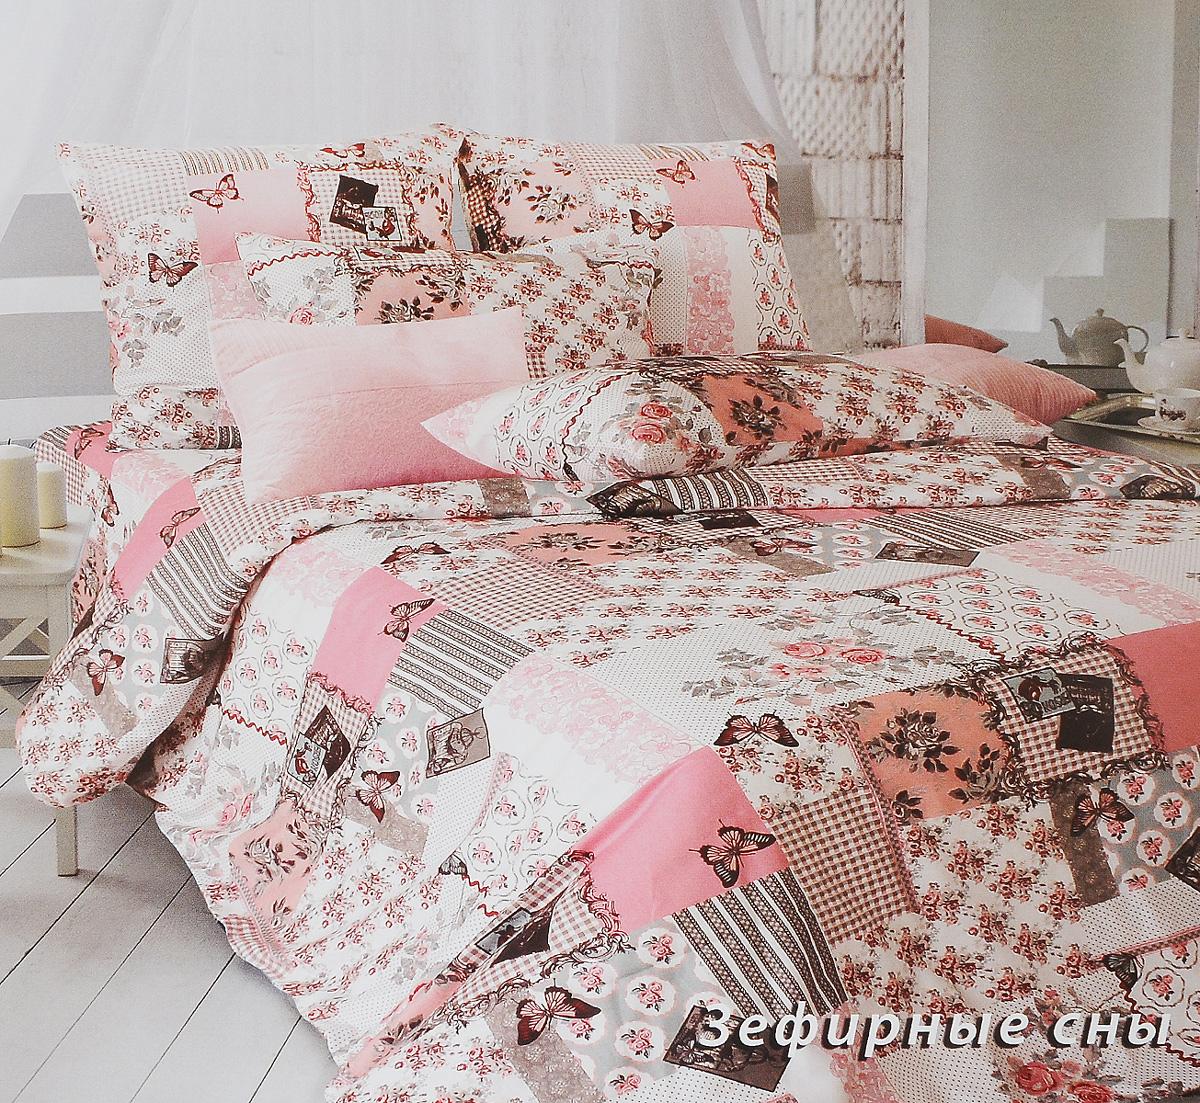 Комплект белья Tiffanys Secret Зефирные сны, семейный, наволочки 50х70, цвет: розовый2040816150Спальня – это ваше личное пространство, закрытое от постороннего взора. Только здесь мы можем забыть об условностях и дать волю своим истинным чувствам. Текстиль Tiffany's secret – это легкий и нежный хранитель снов, прикосновения которого помогут раскрыть секрет вашего очарования и природной чувственности. Утонченные рисунки и изящная палитра красок подарят вам особенный мир, подвластный только вашим сокровенным желаниям и капризам.